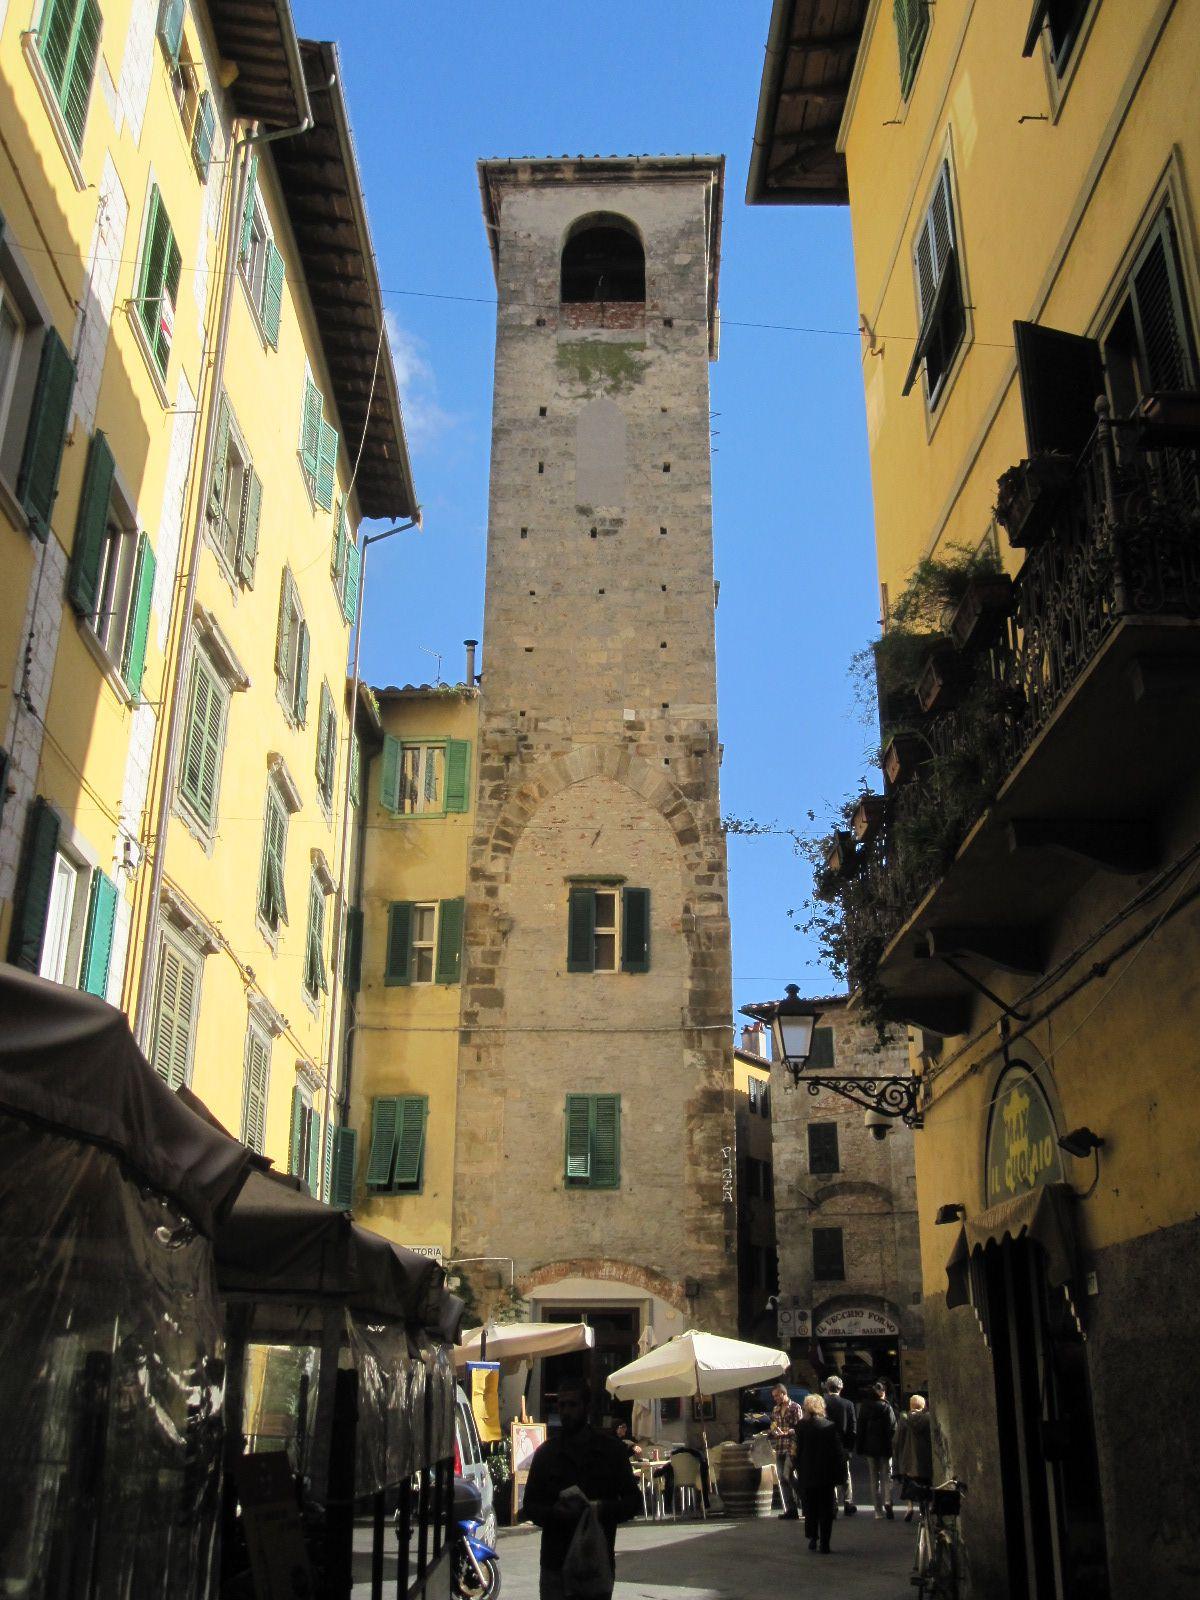 woning met middeleeuwse toren in centrum van Pisa